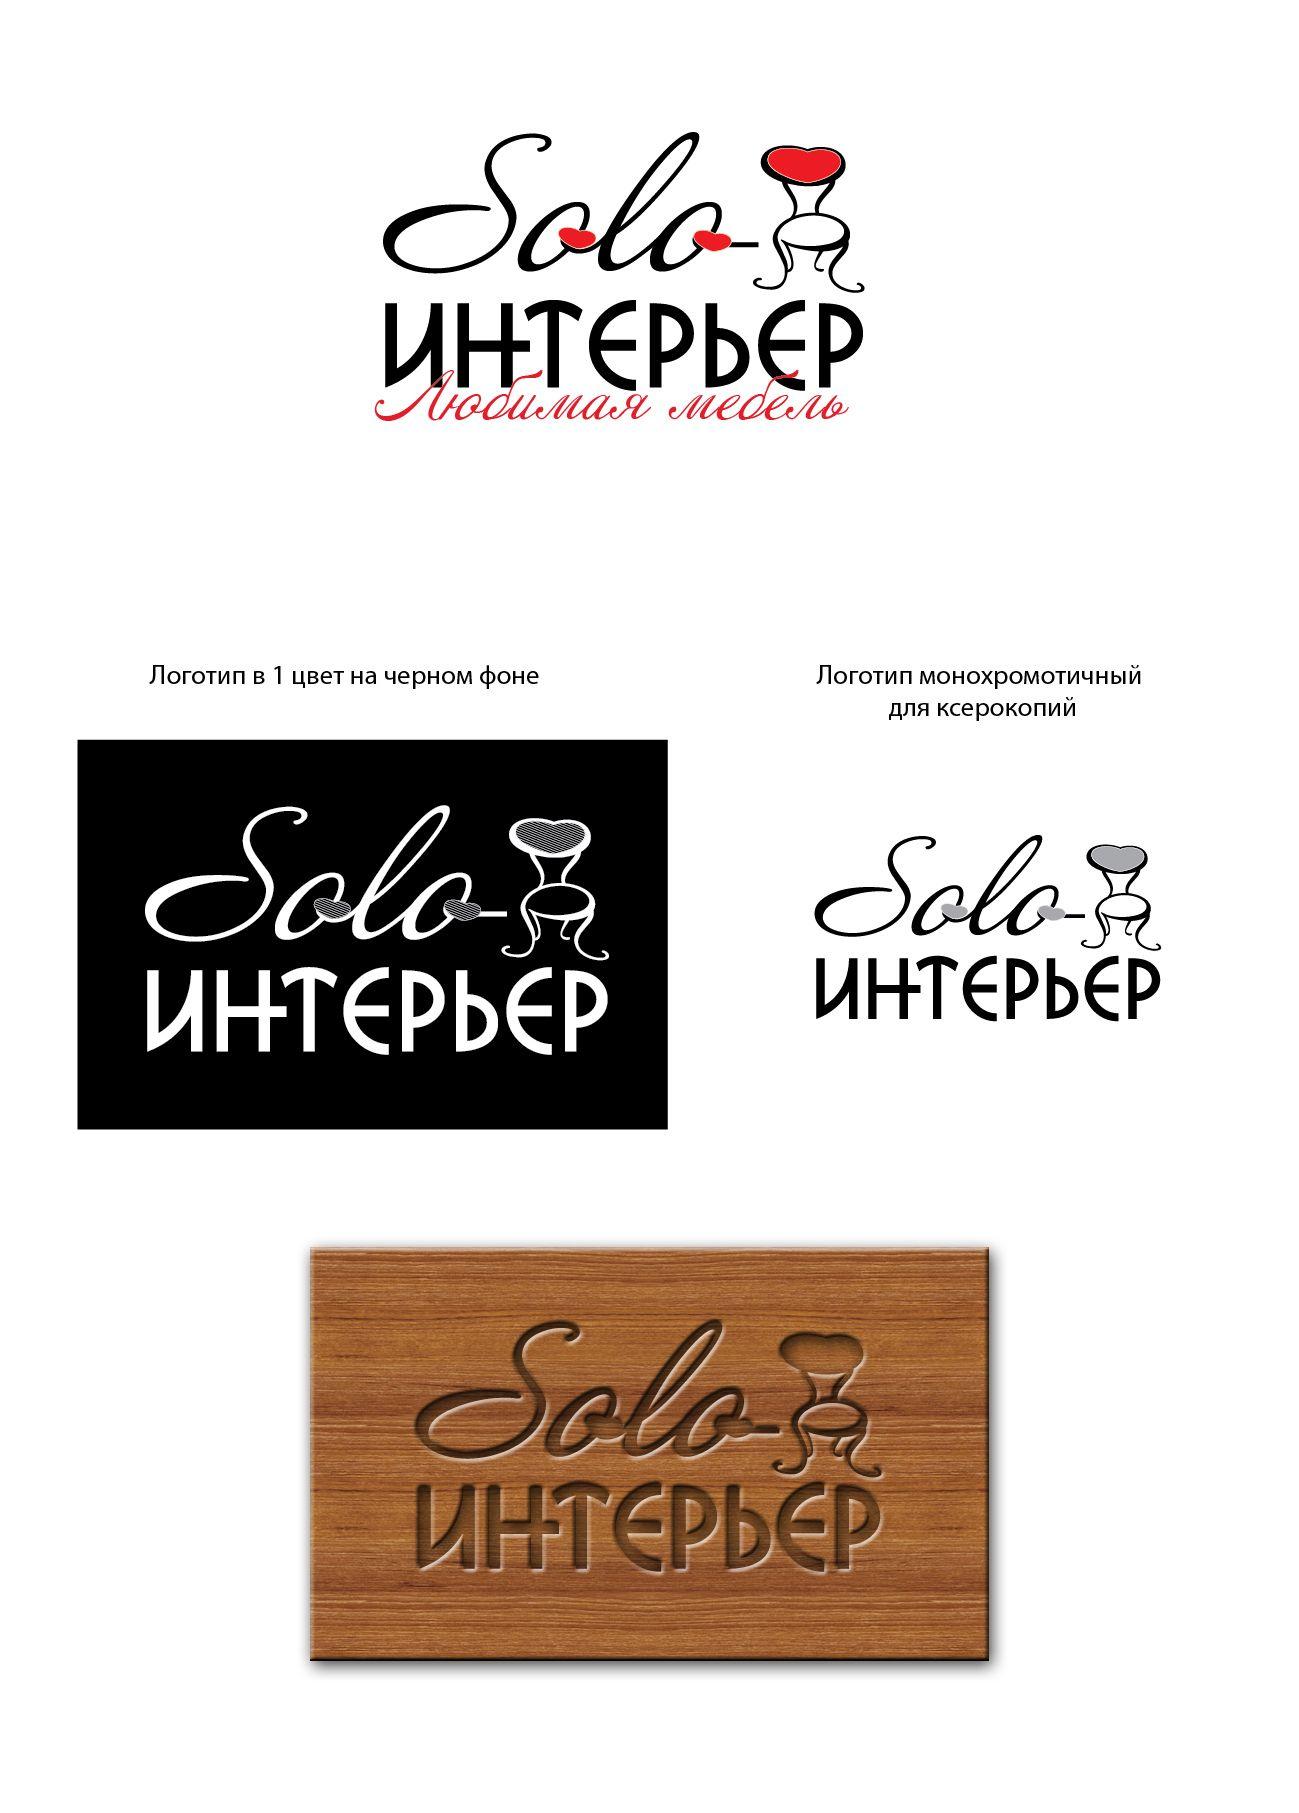 Редизайн логотипа - дизайнер lenanel1977